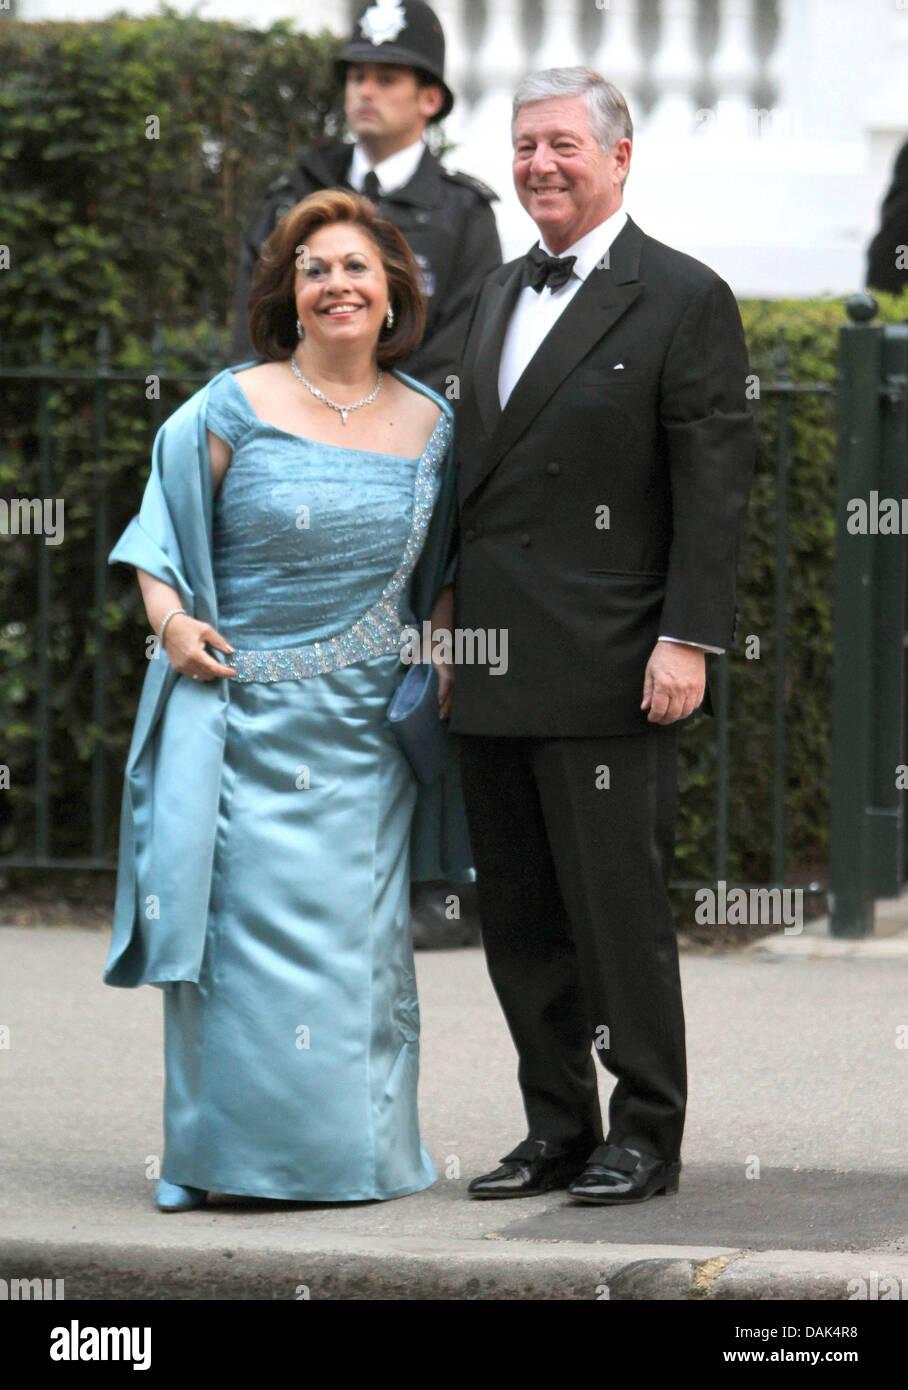 Princess Katherine Stock Photos & Princess Katherine Stock Images ...